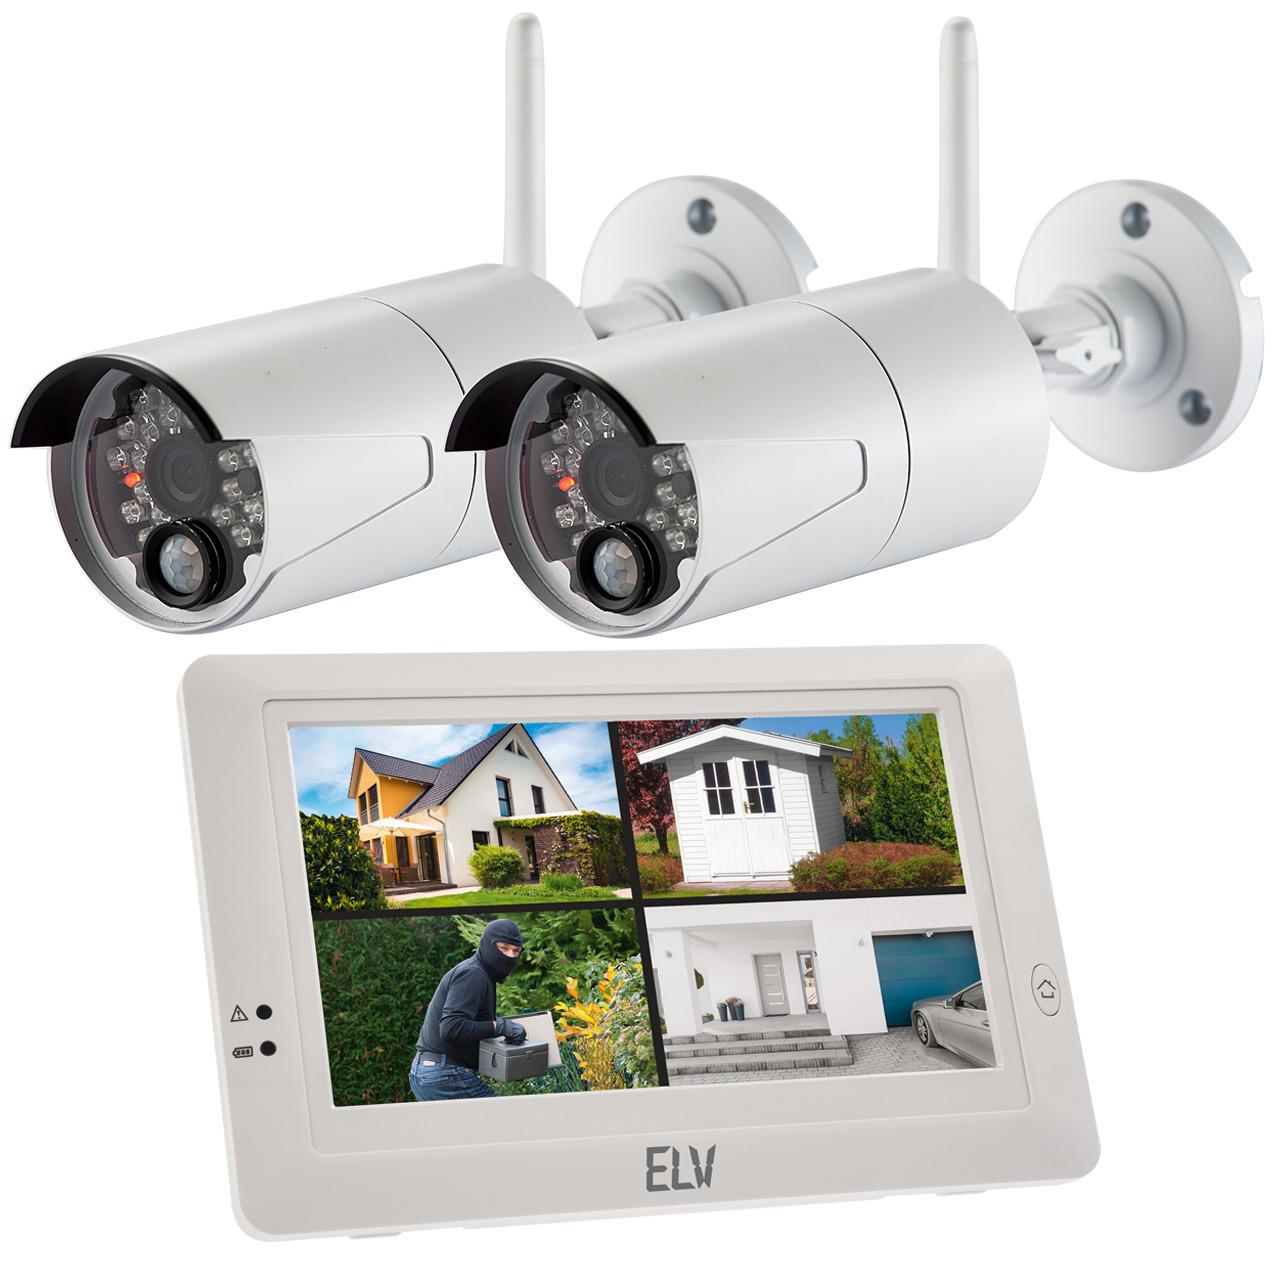 ELV Spar-Set Funk-Kamerasystem KS200 HD mit 2 Kameras- 2-4 GHz- App- HD (720p)